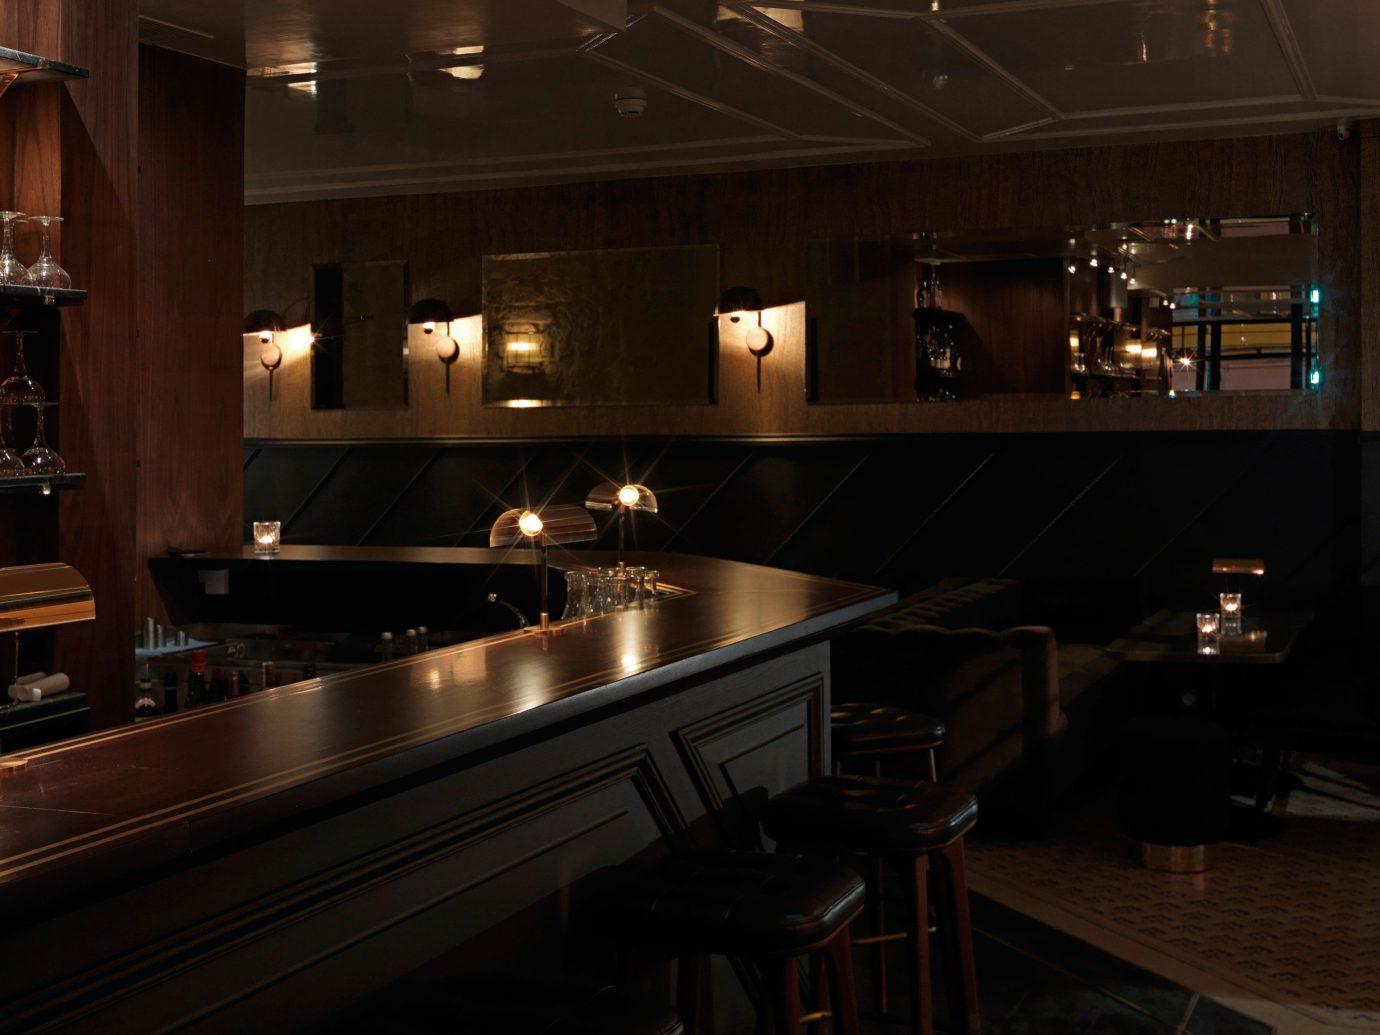 Food + Drink indoor ceiling floor Kitchen Bar interior design restaurant lighting